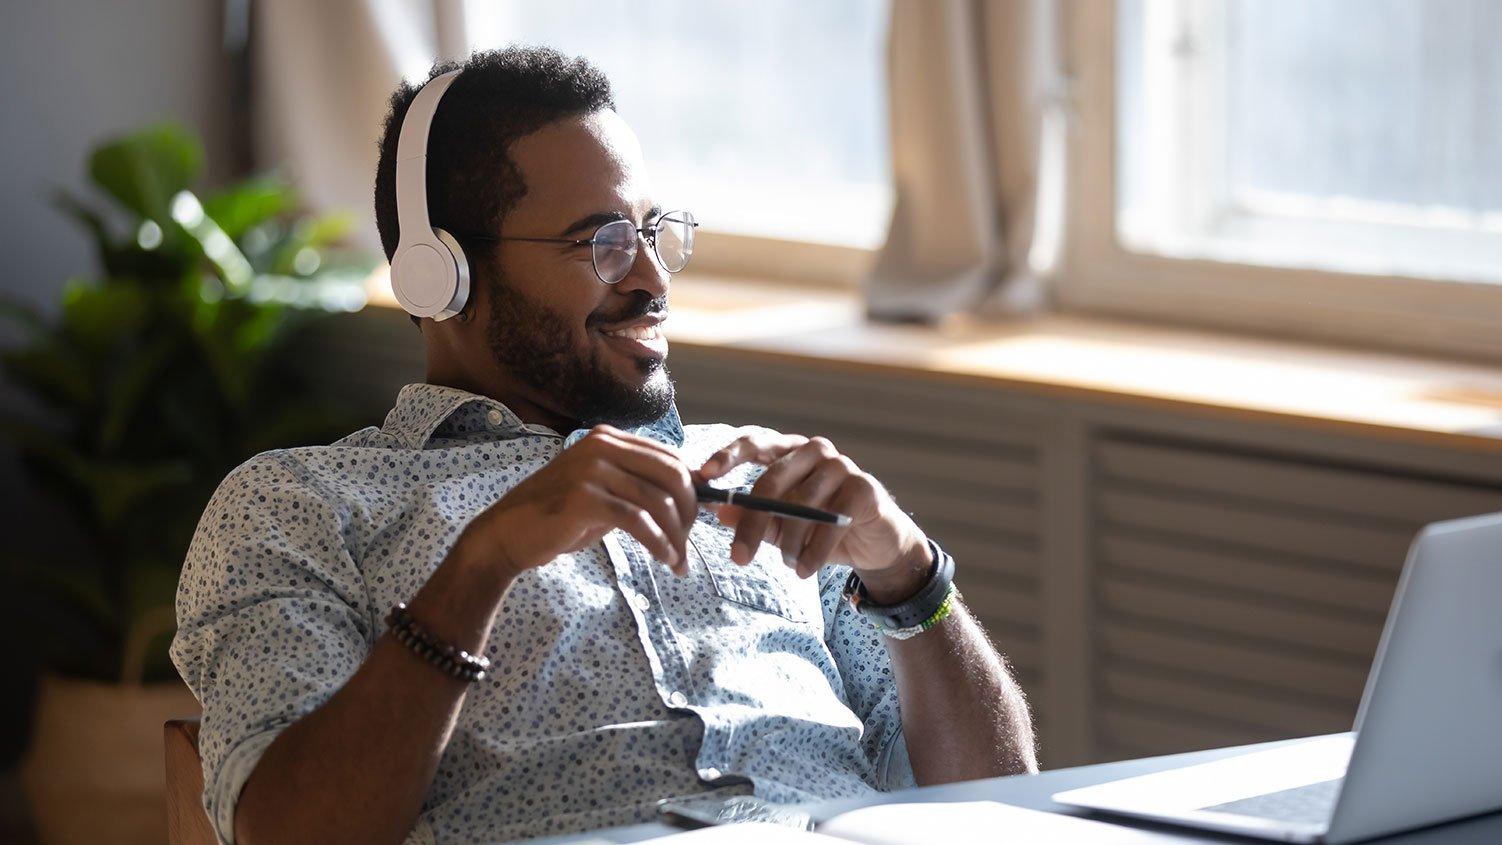 Happy worker with wireless headphones